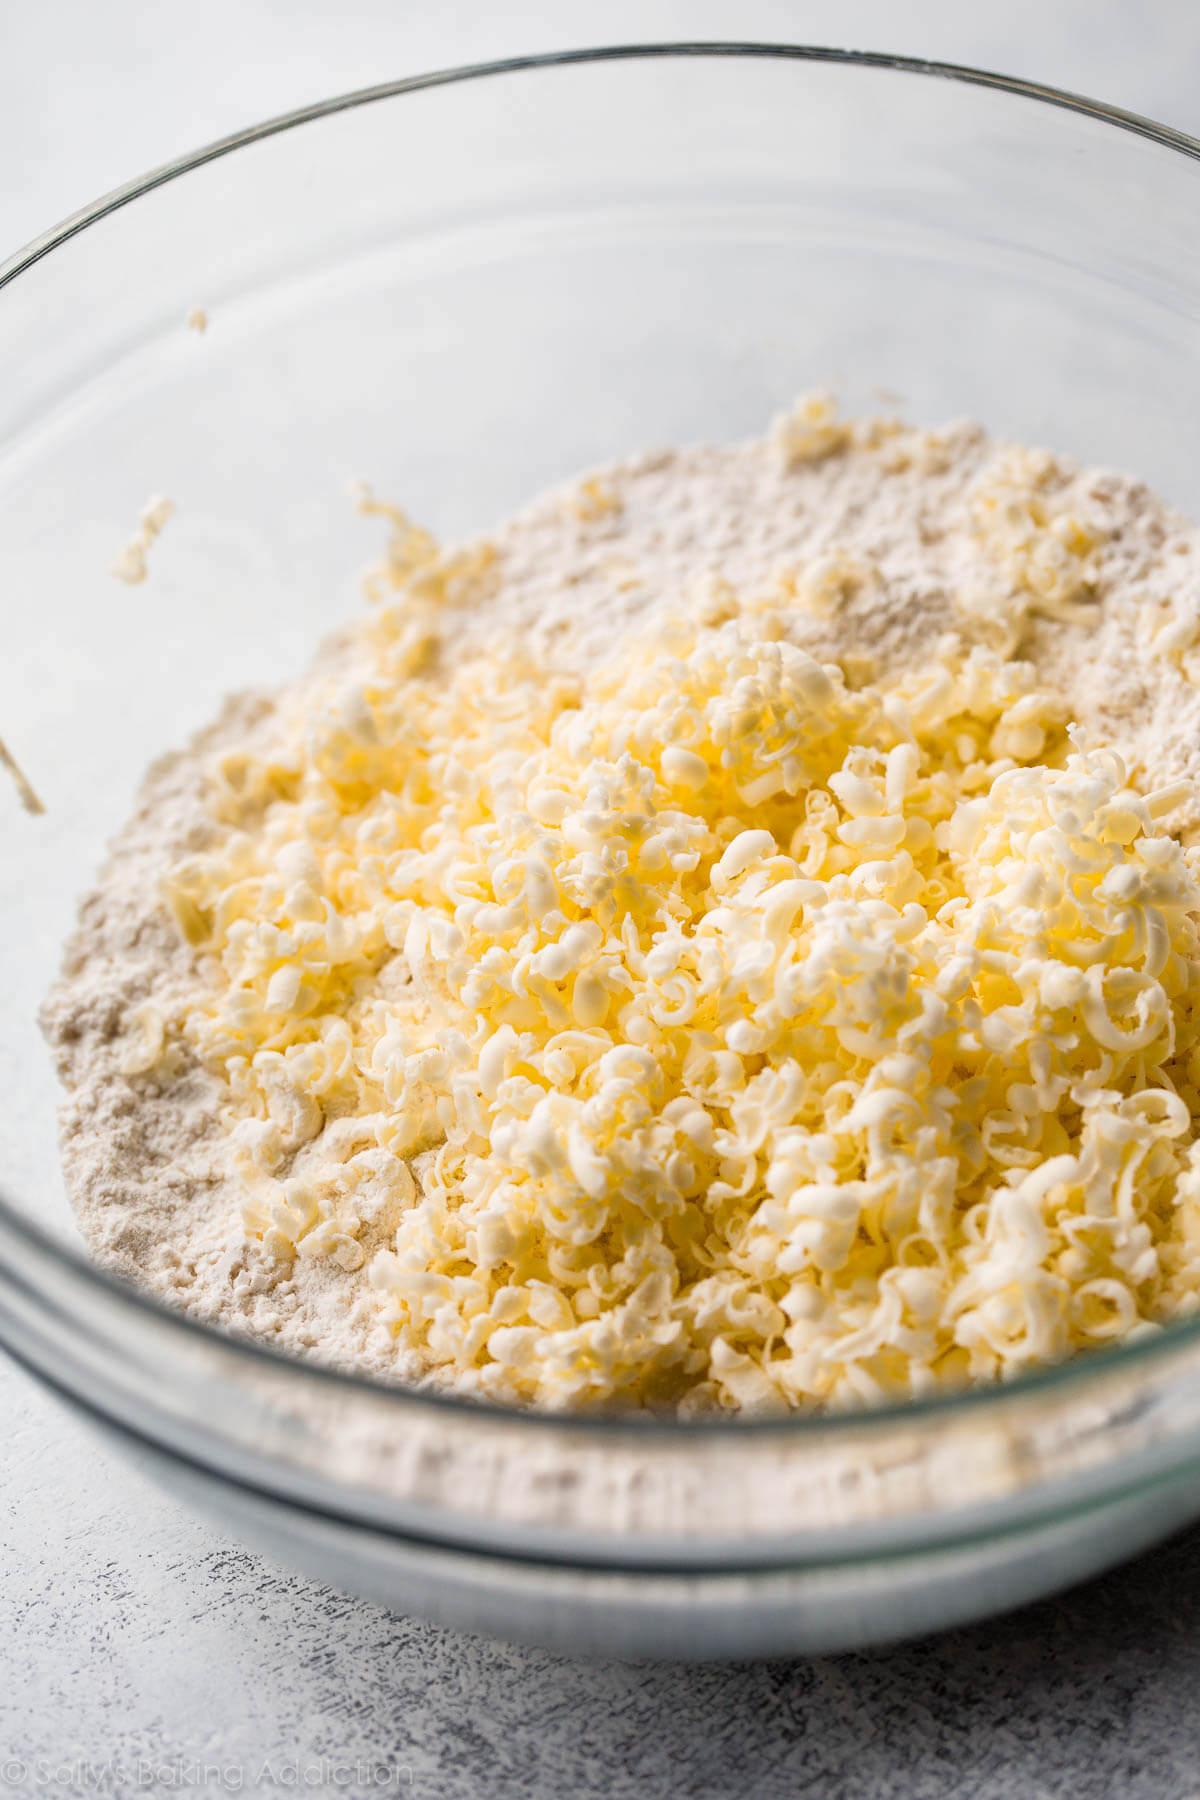 beurre râpé dans un bol en verre